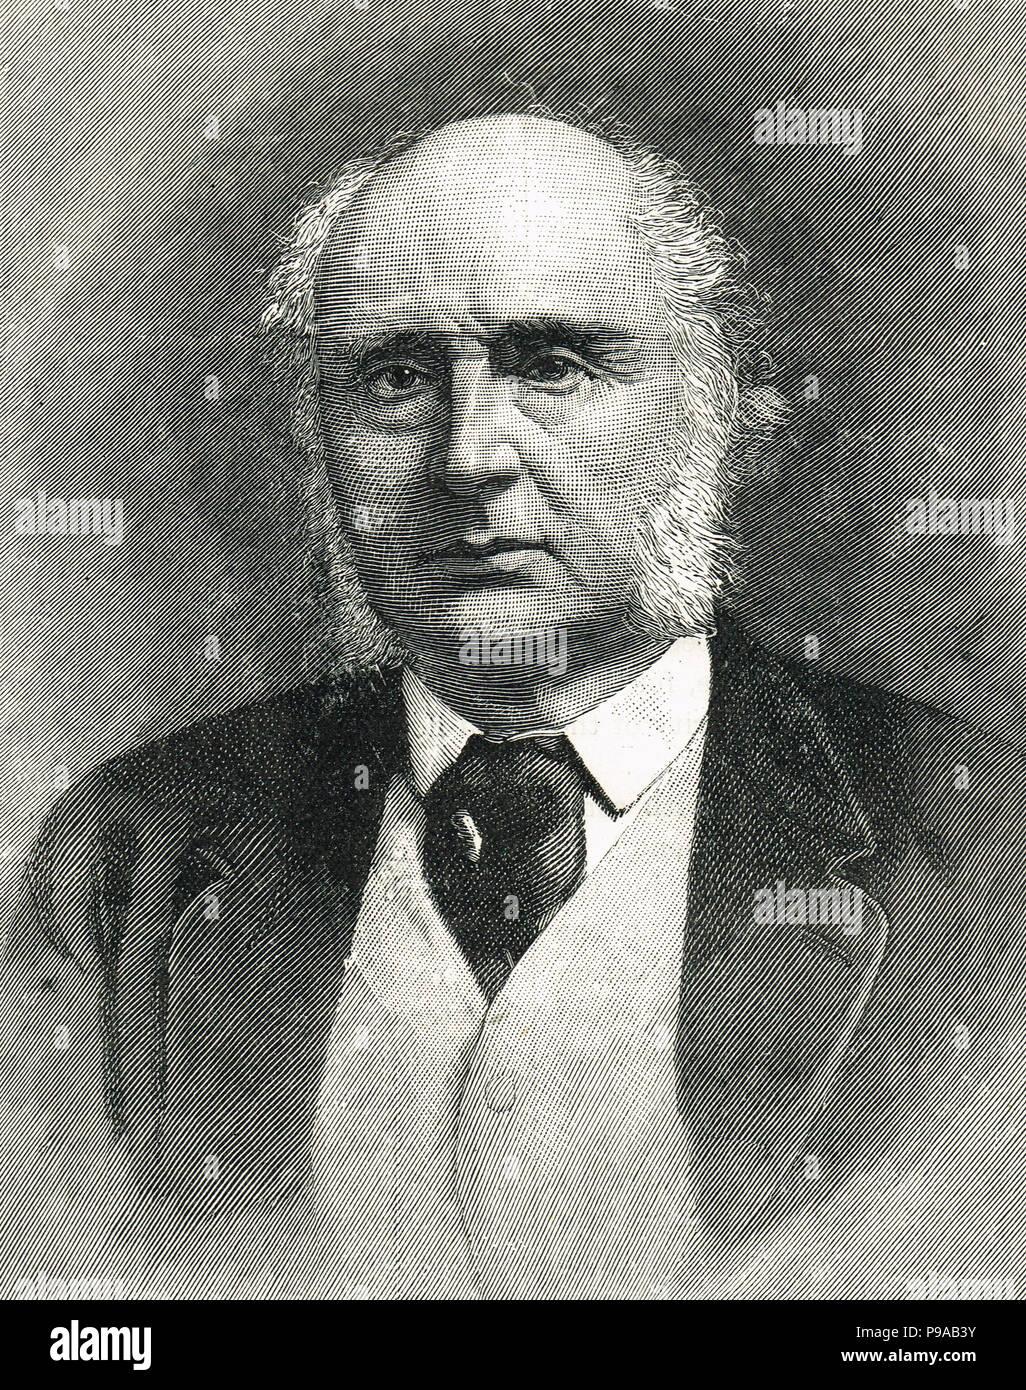 James Wilde, 1er Barón Penzance. Señaló un juez británico quien presidió una serie de juicios notorios Imagen De Stock